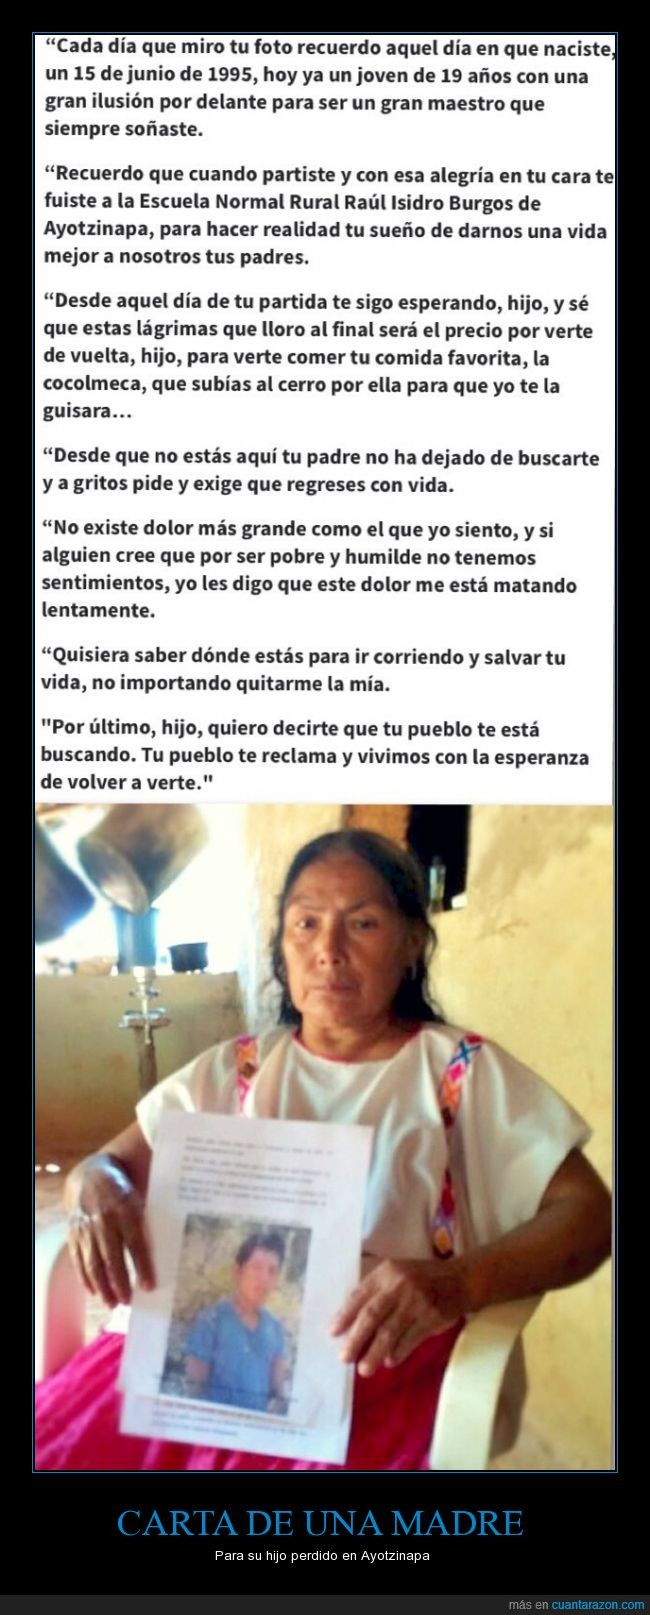 amor,asesinado,asesinato,ayotzinapa,buscar,comida,desesperada,dinero,estudios,hijo,Madre,maestro,mexico,perdido,pobre